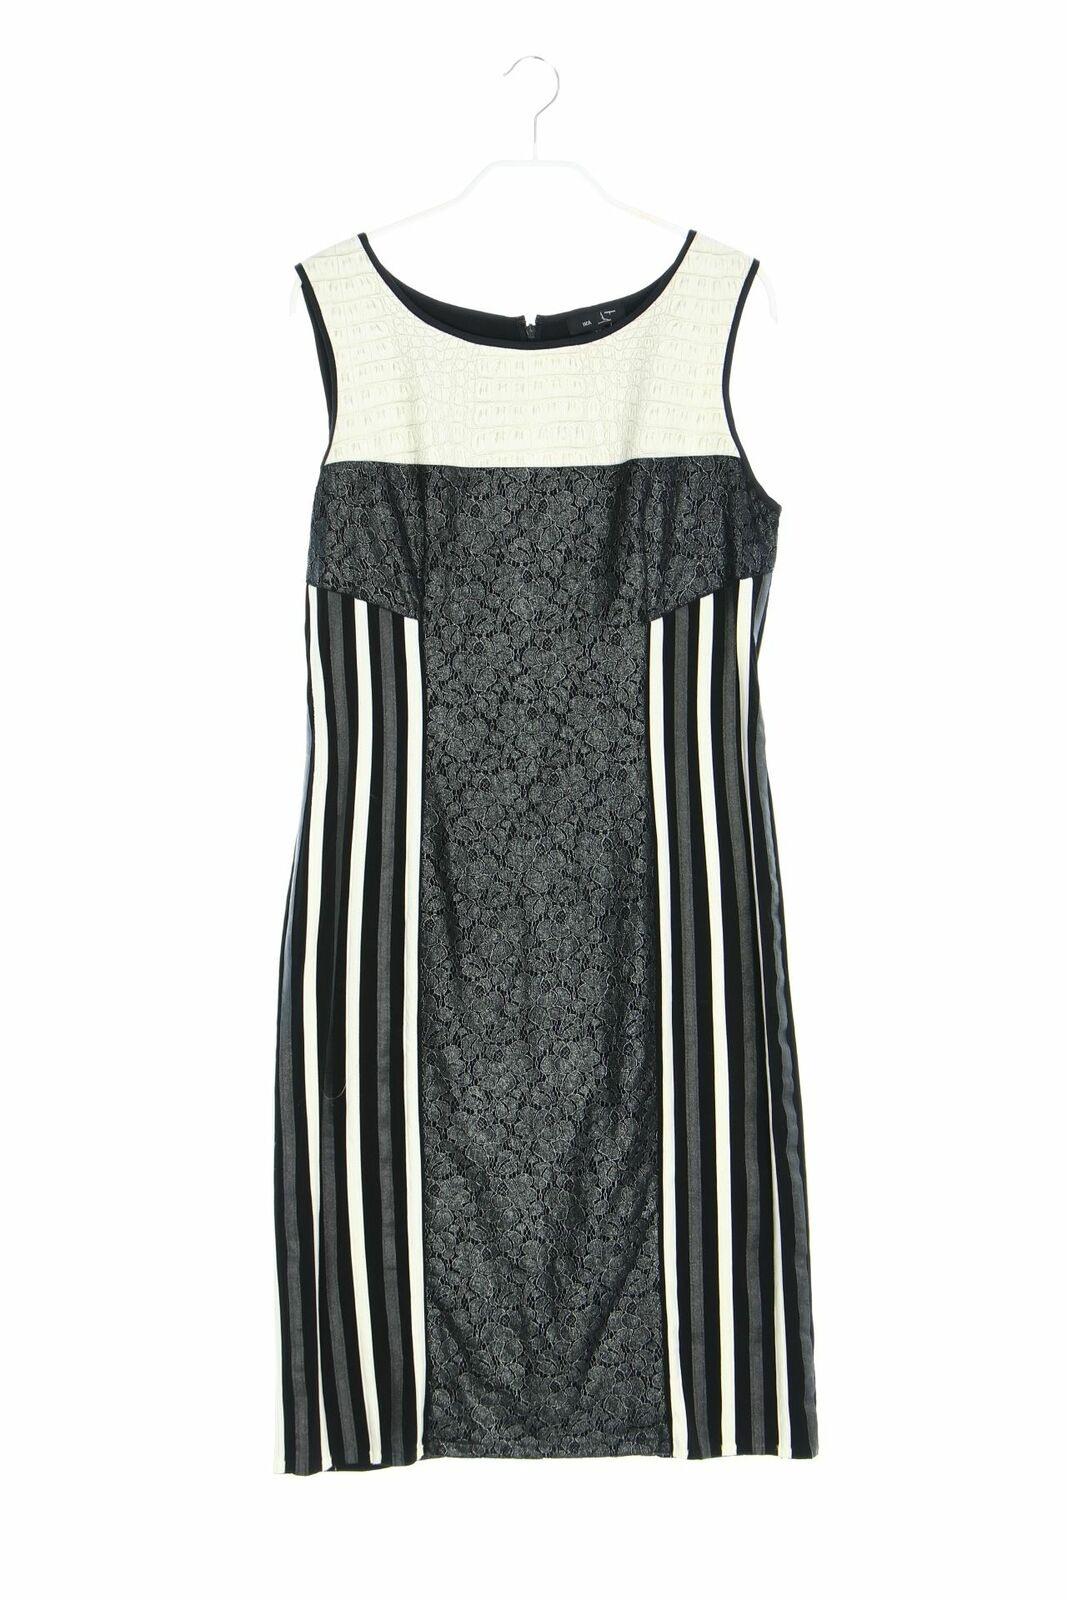 20 Schön Langes Kleid Gr 52 Galerie13 Perfekt Langes Kleid Gr 52 Boutique